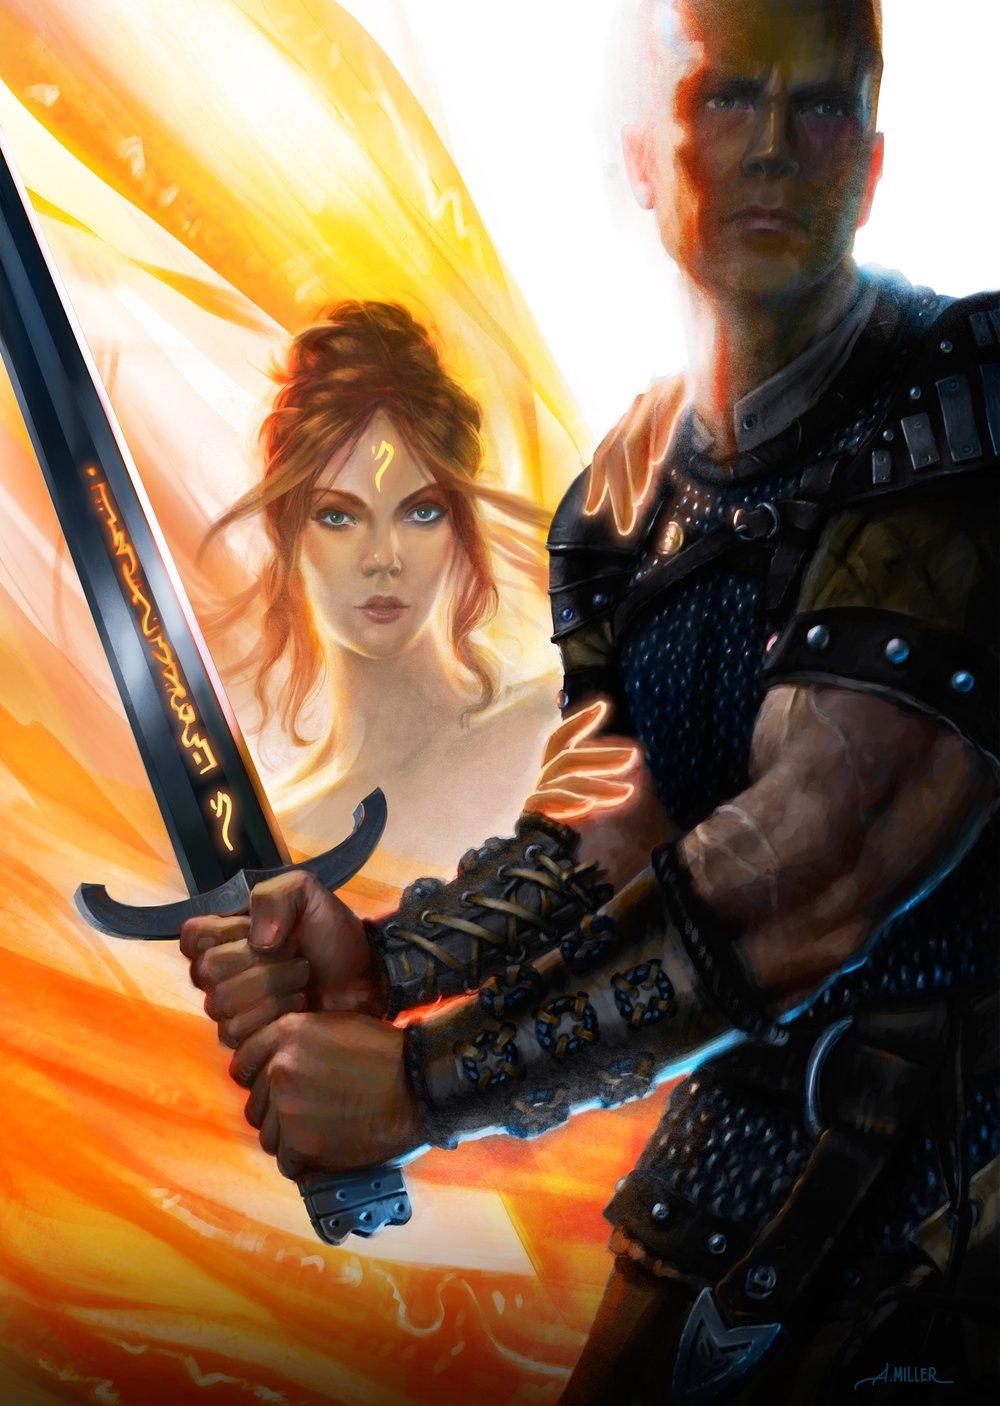 Vathiriel Blade | Aaron Miller